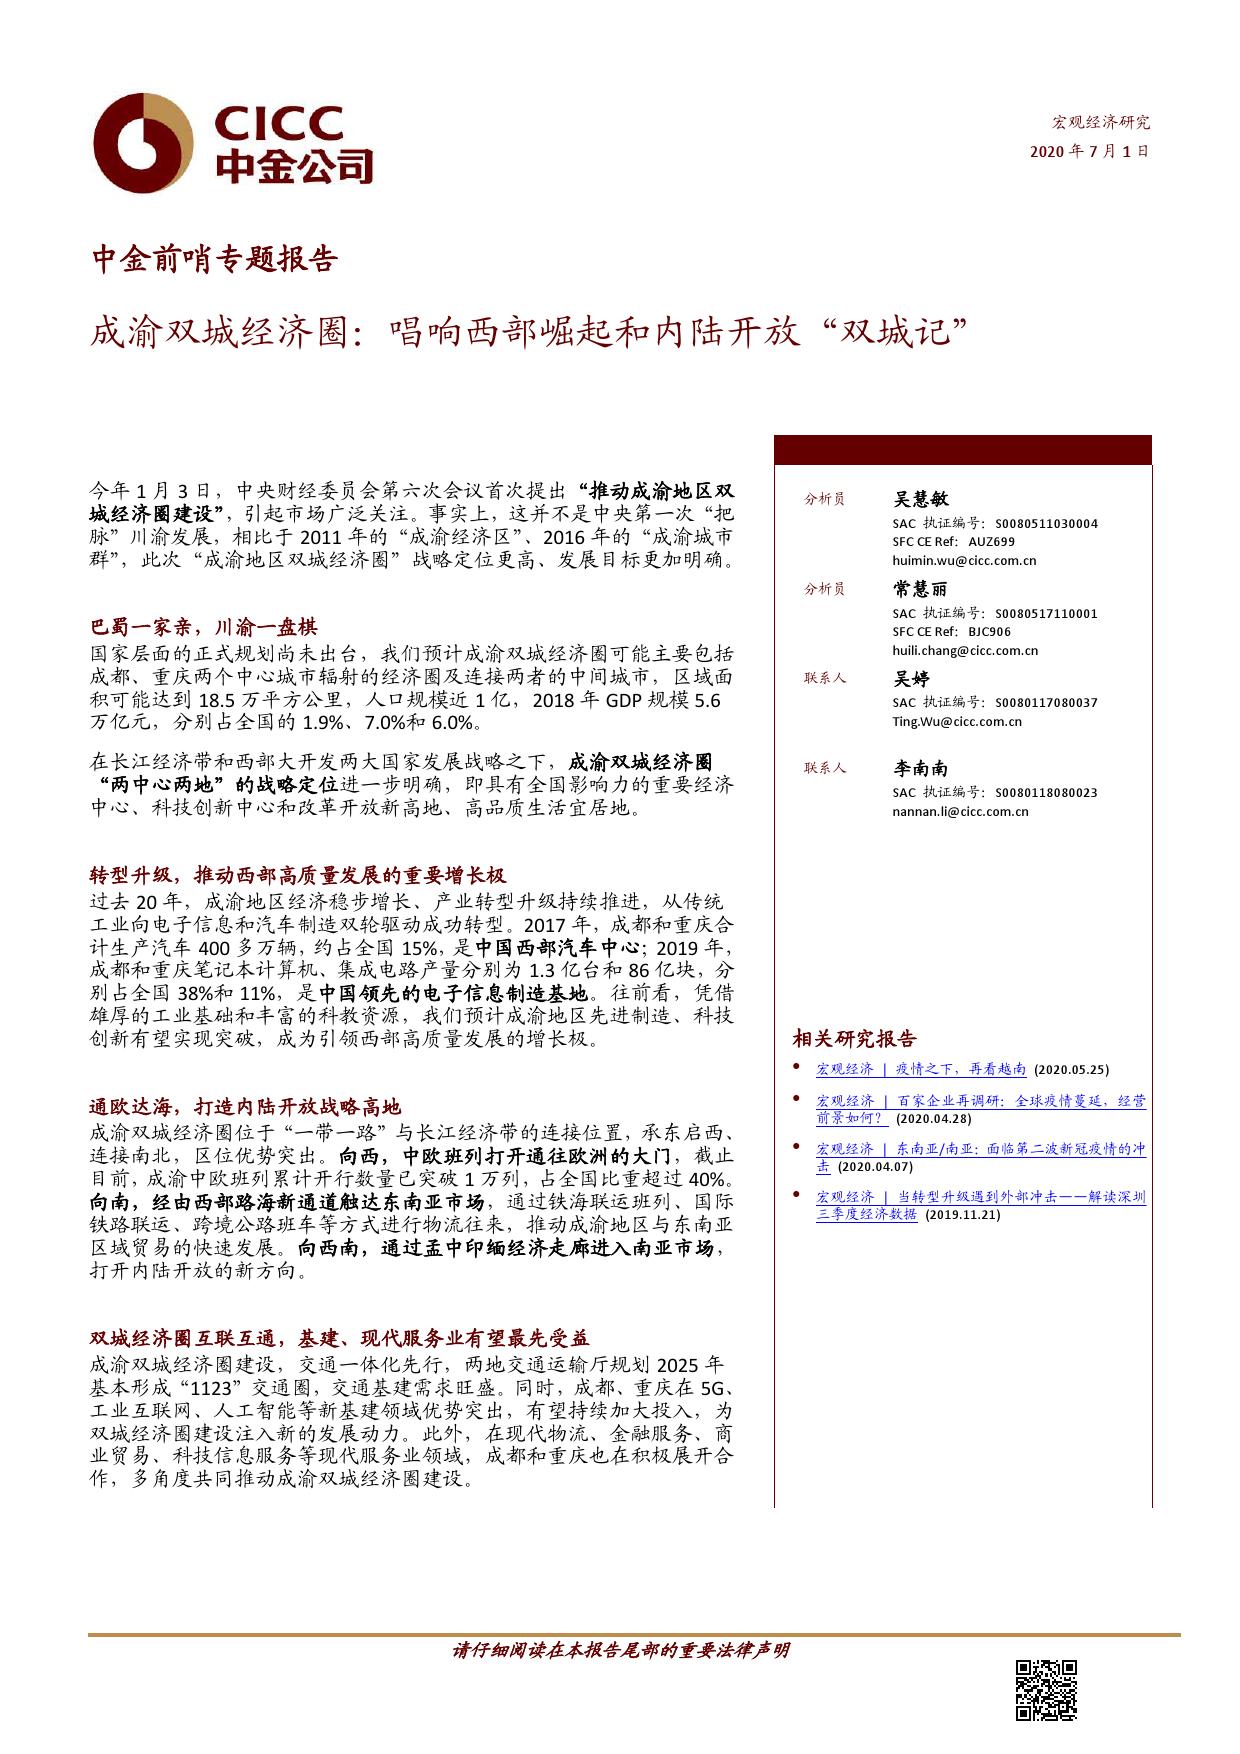 """成渝双城经济圈:唱响西部崛起和内陆开放""""双城记""""(附下载)"""